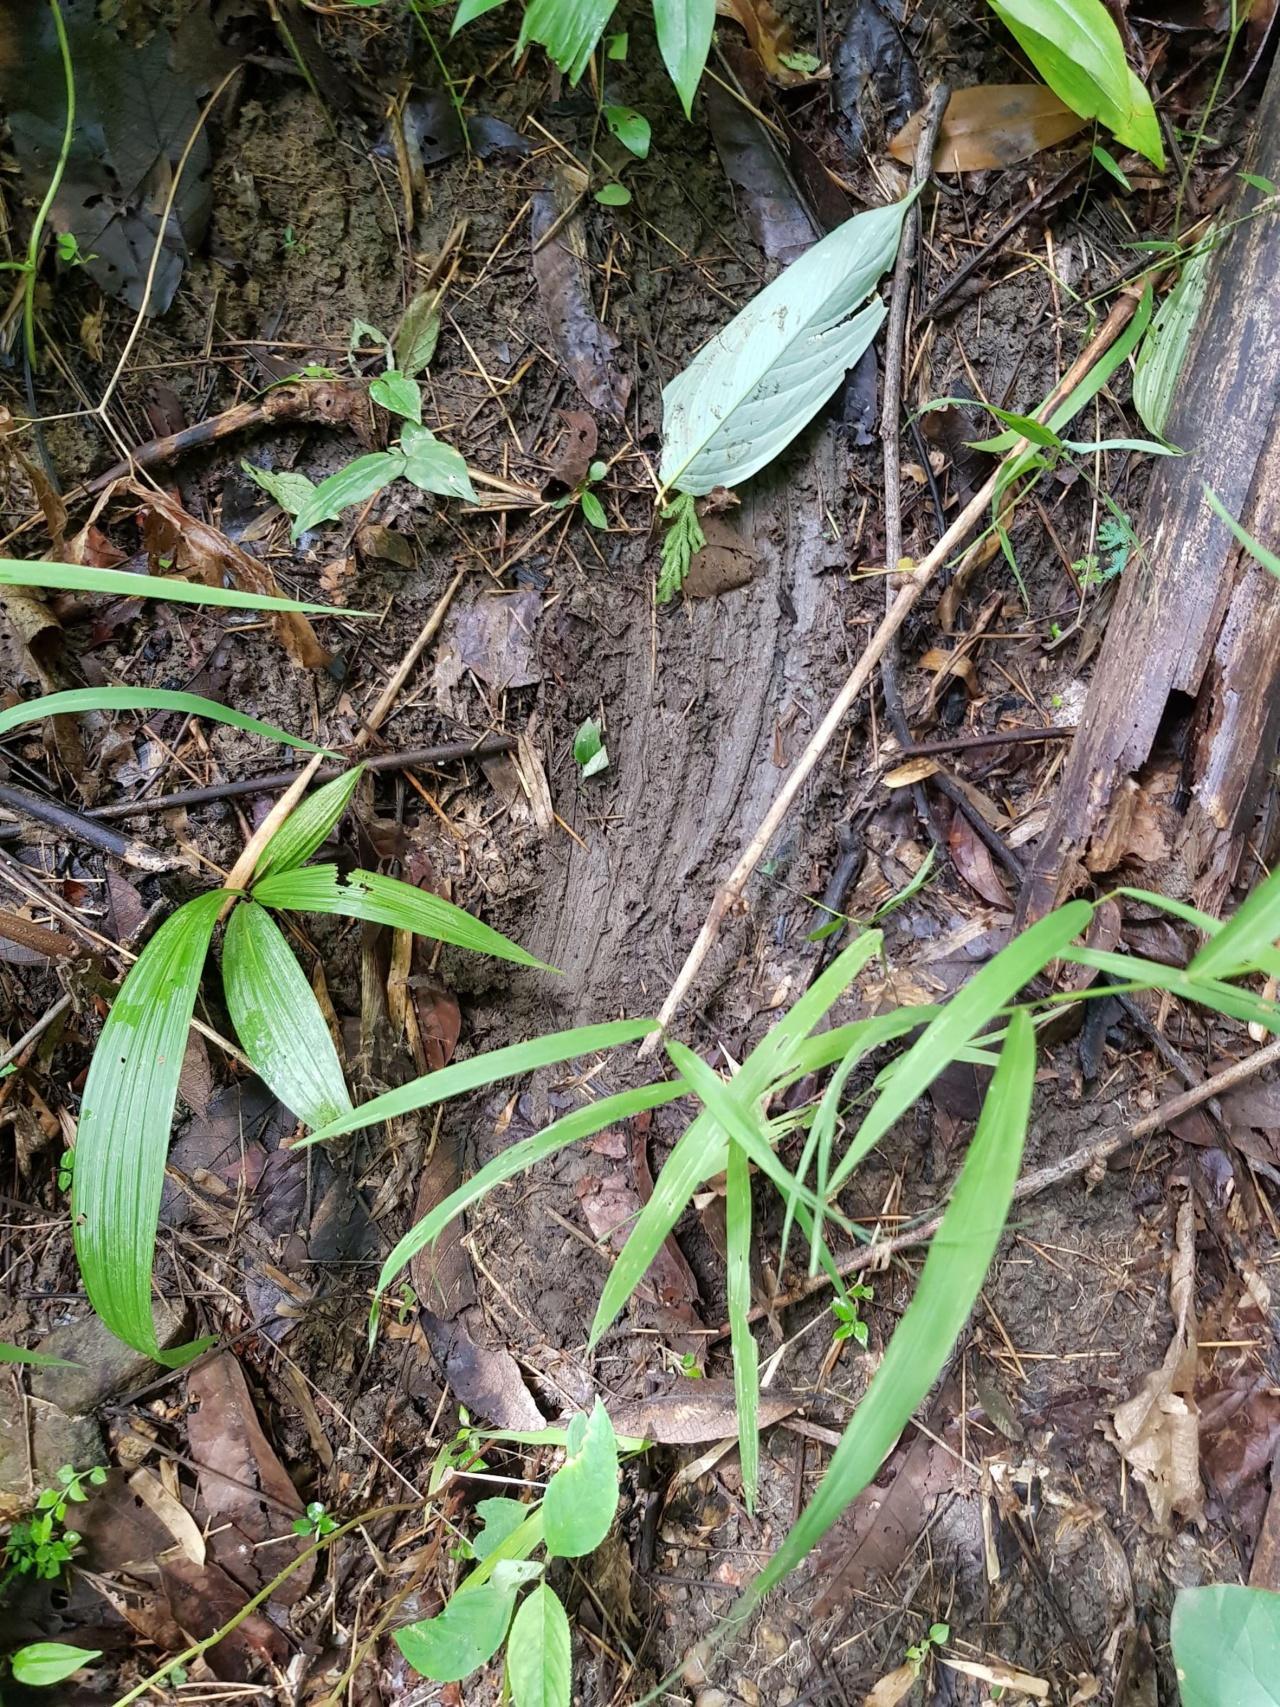 เจ้าหน้าที่พบร่องรอยการลื่นไถลในป่า